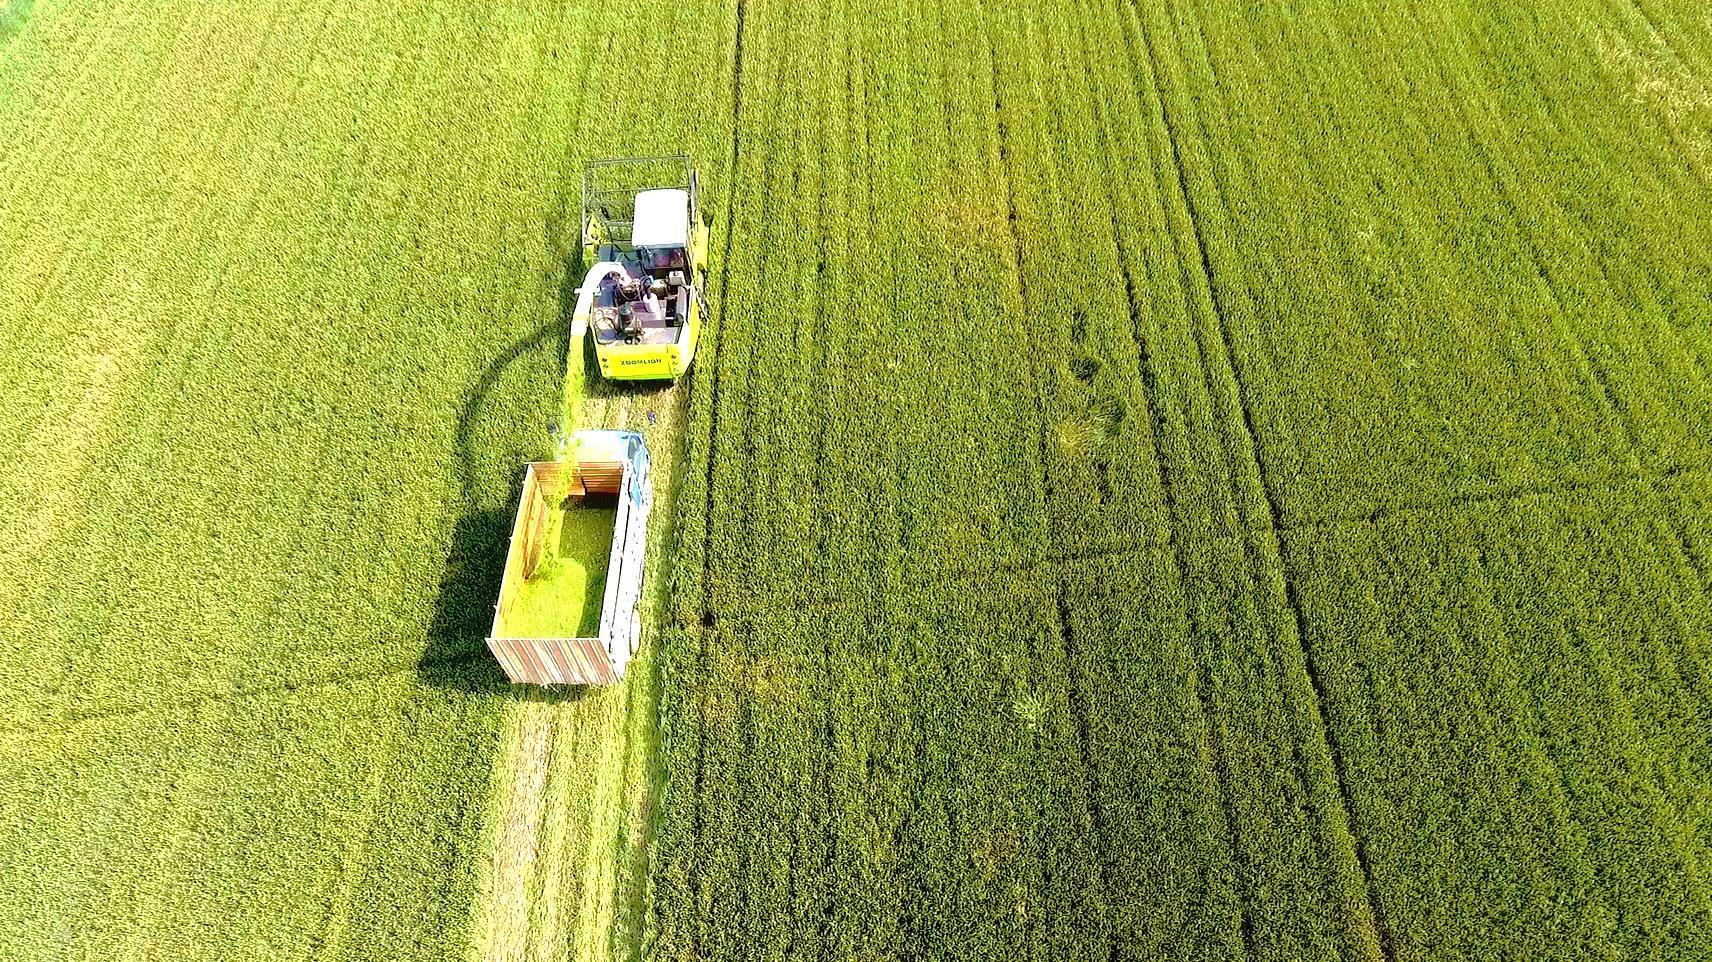 农机化司推进问题农机产品专项整治